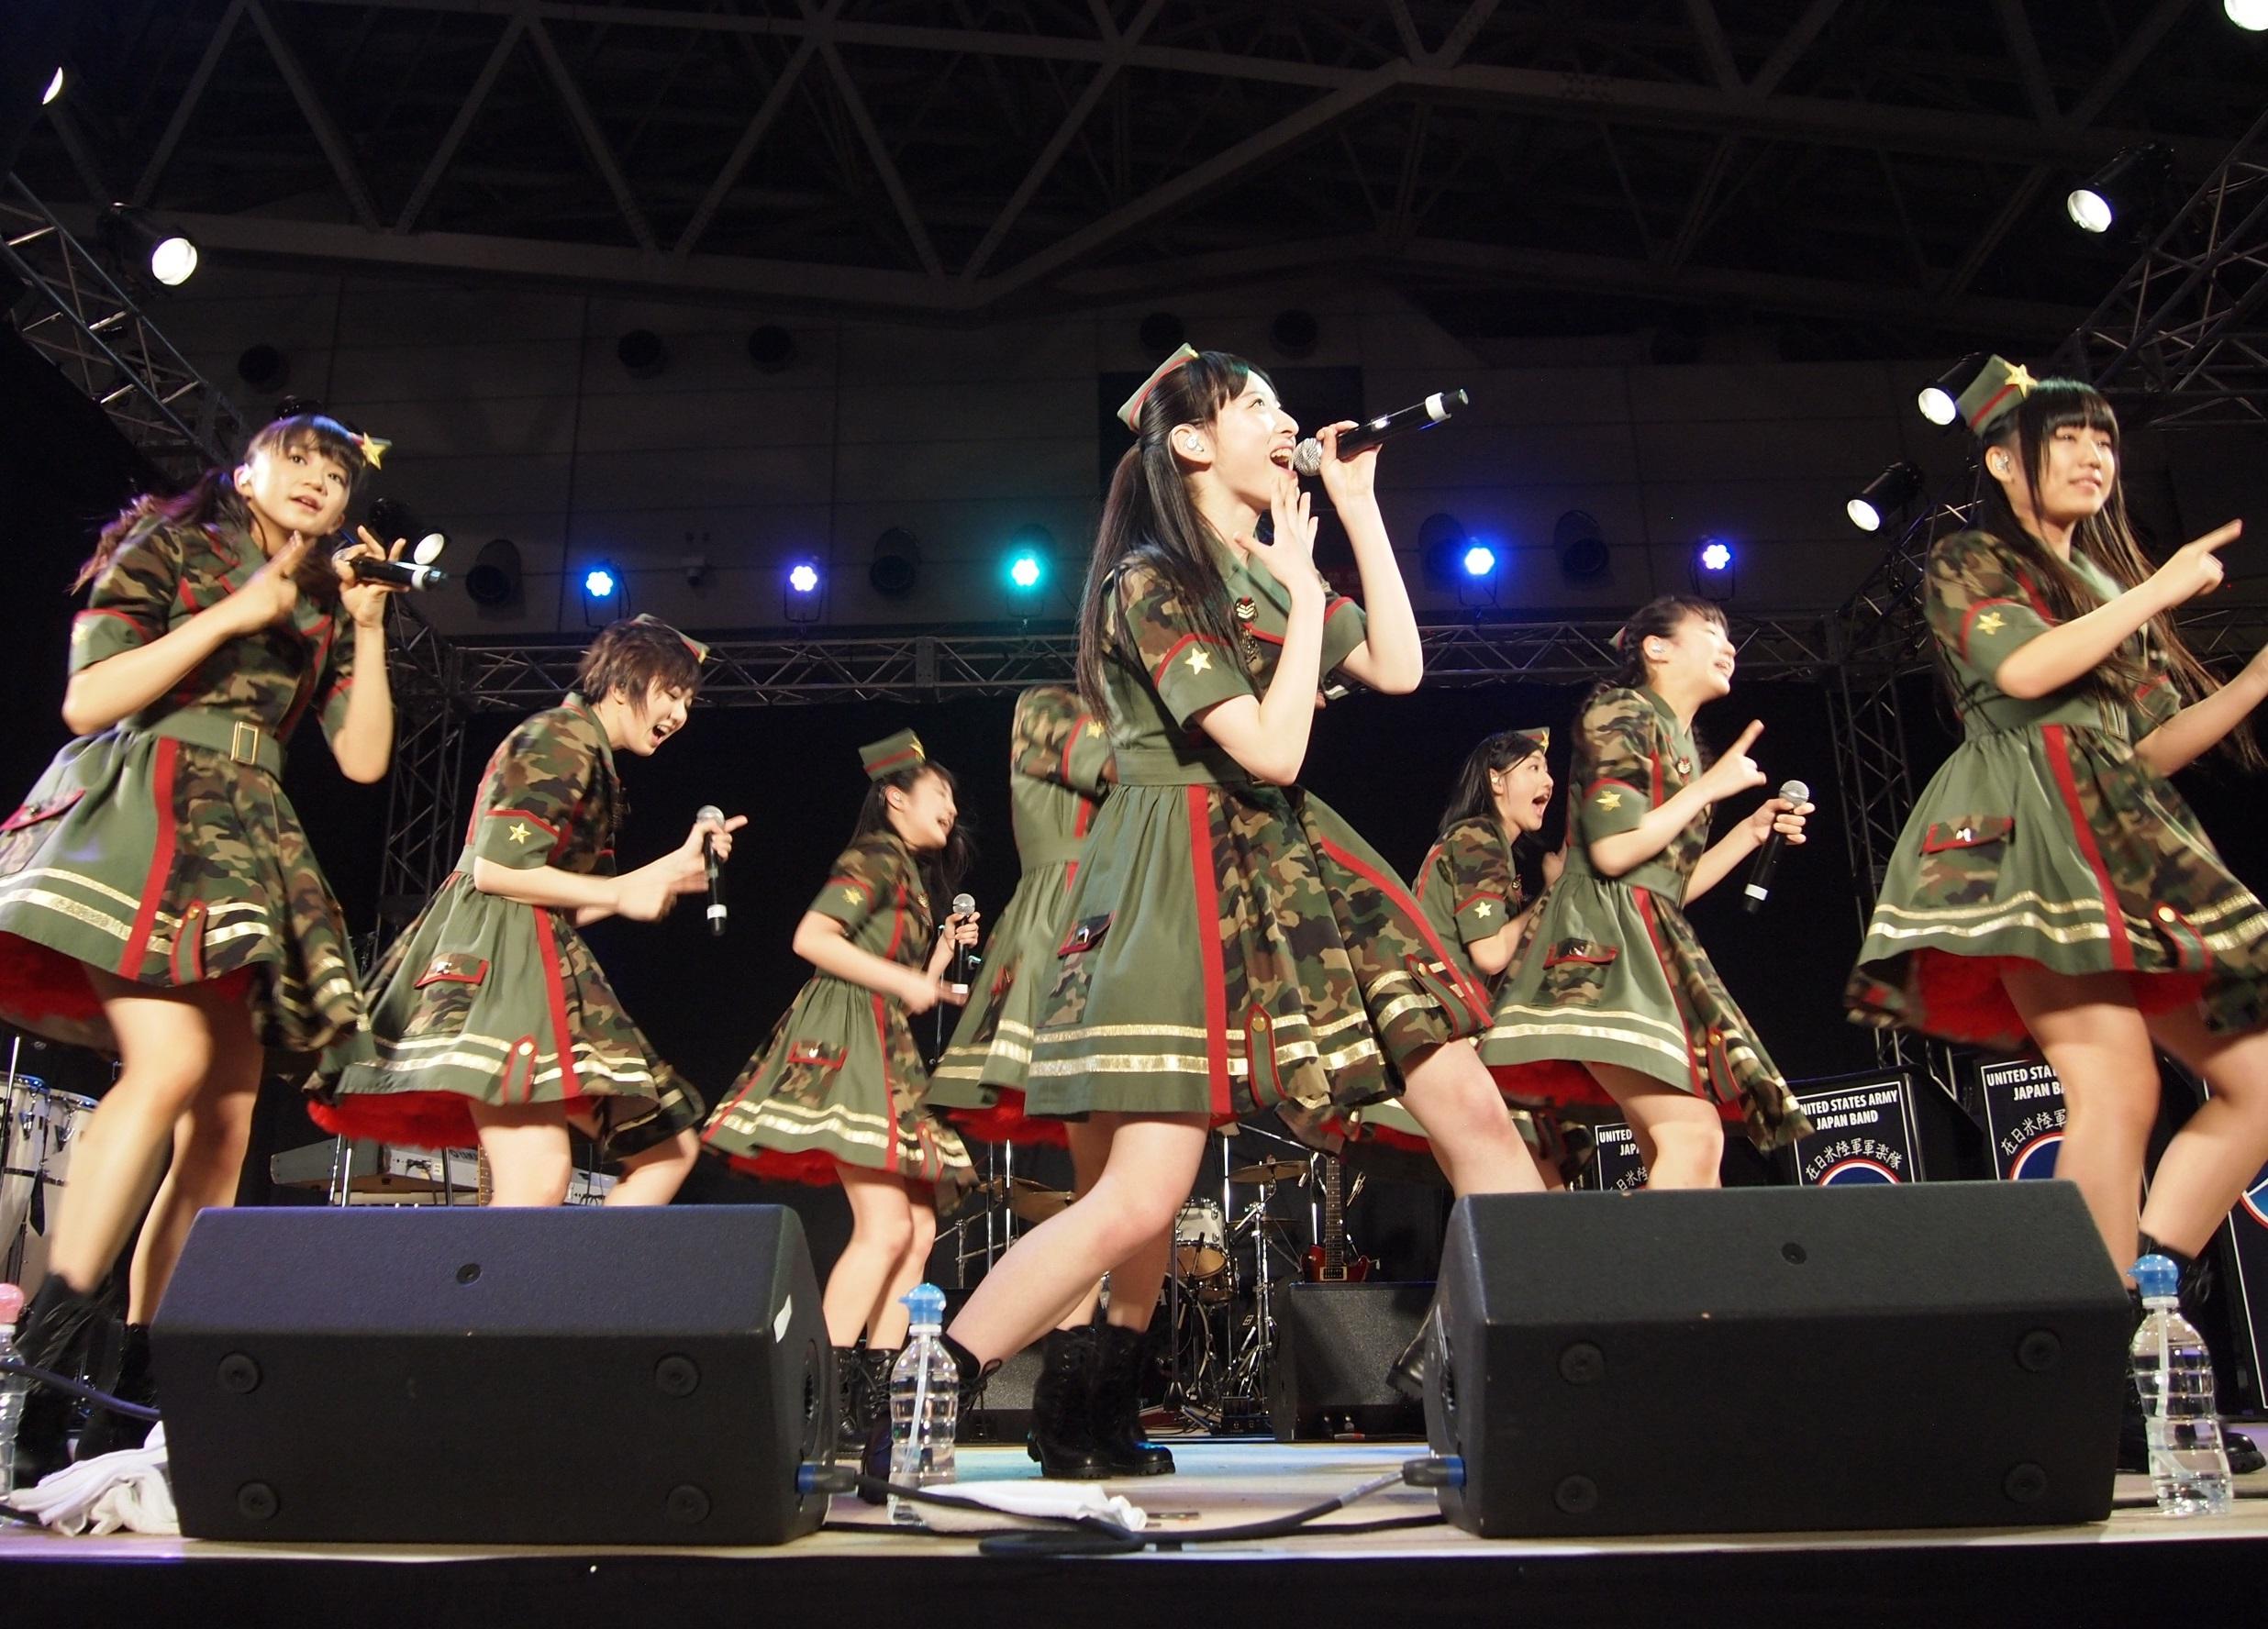 エビ中ステージにて 前列中央が松野莉奈さん